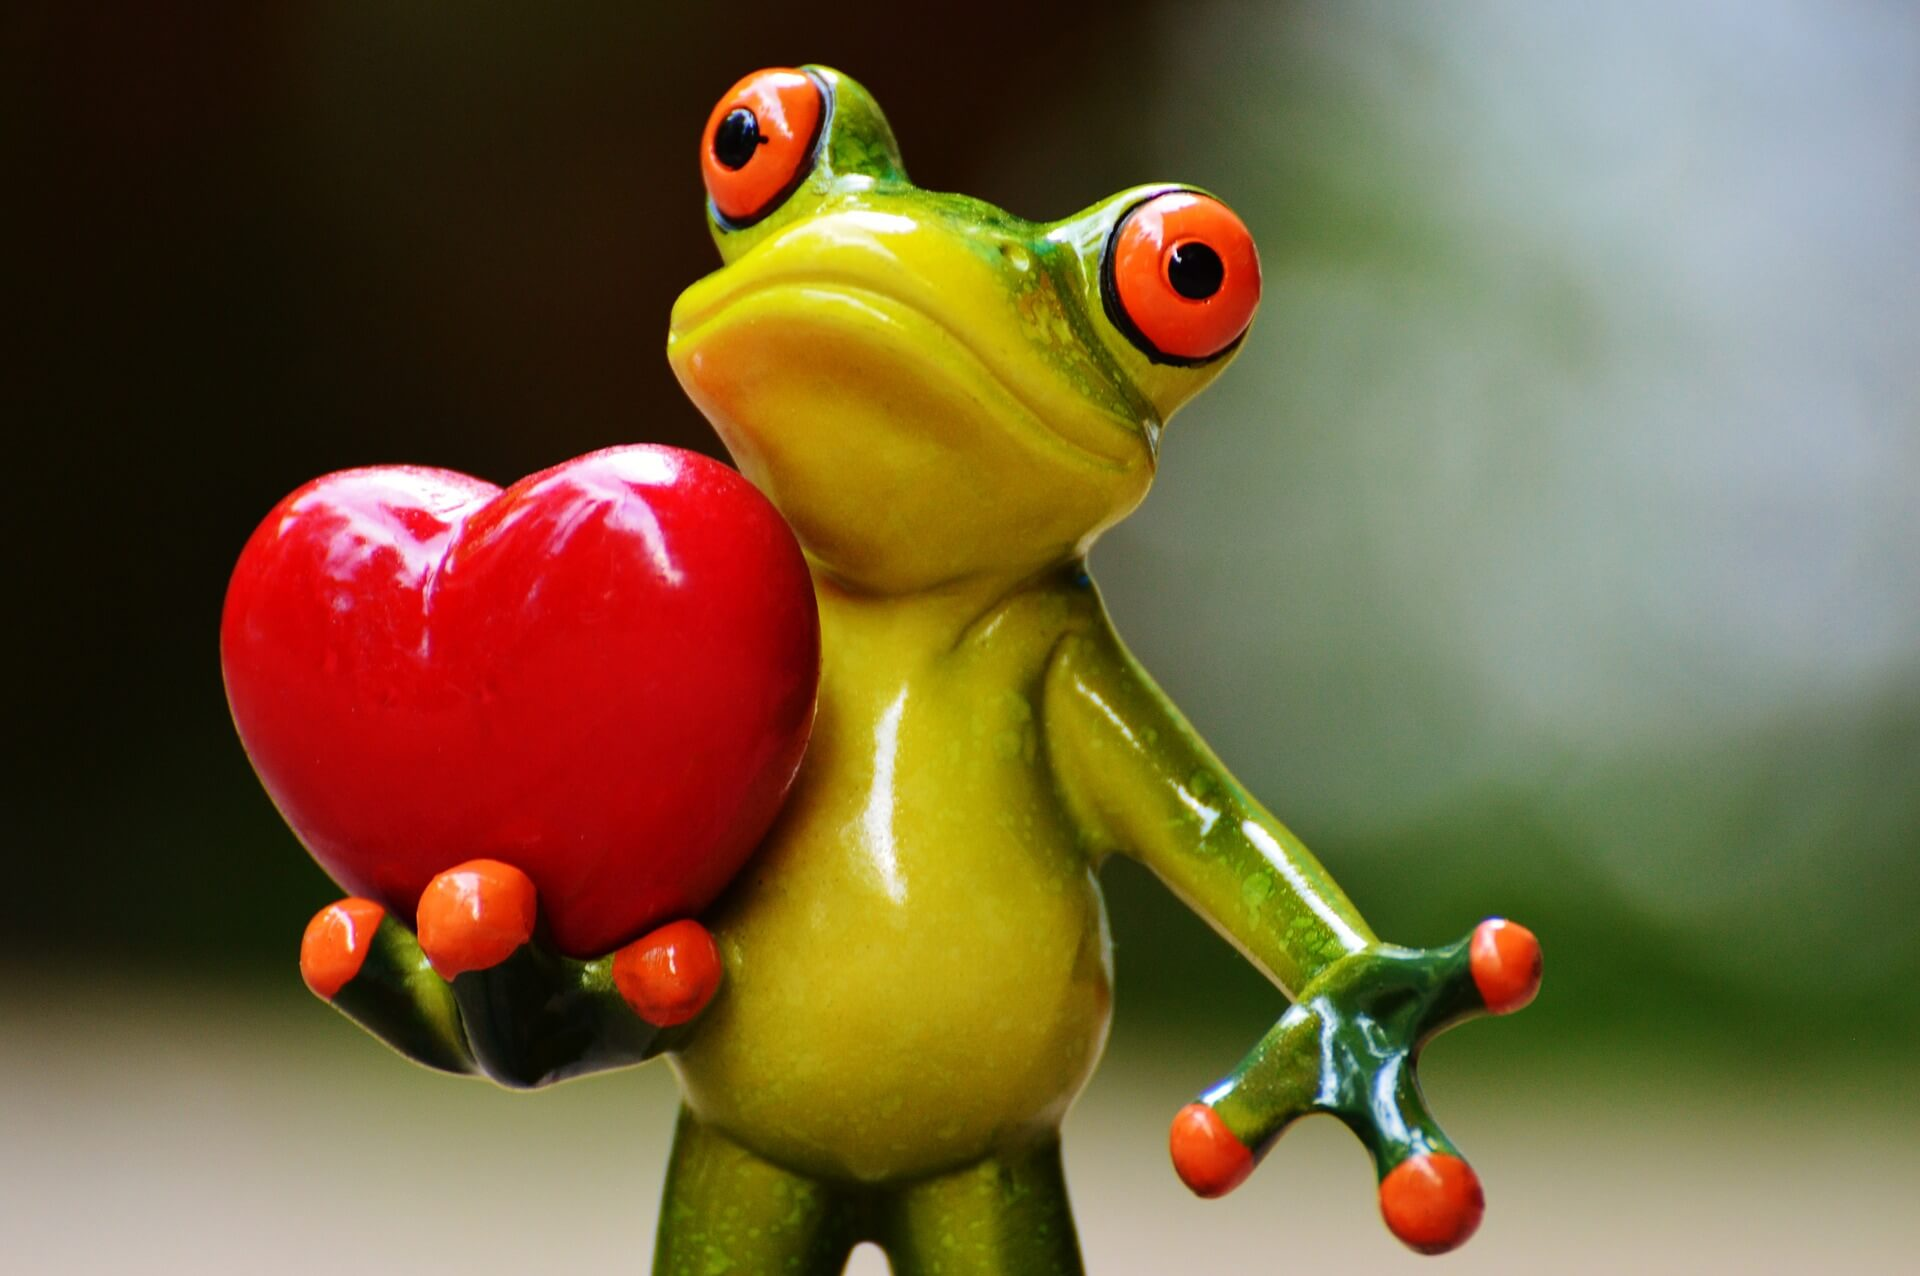 Liebe statt Marketing